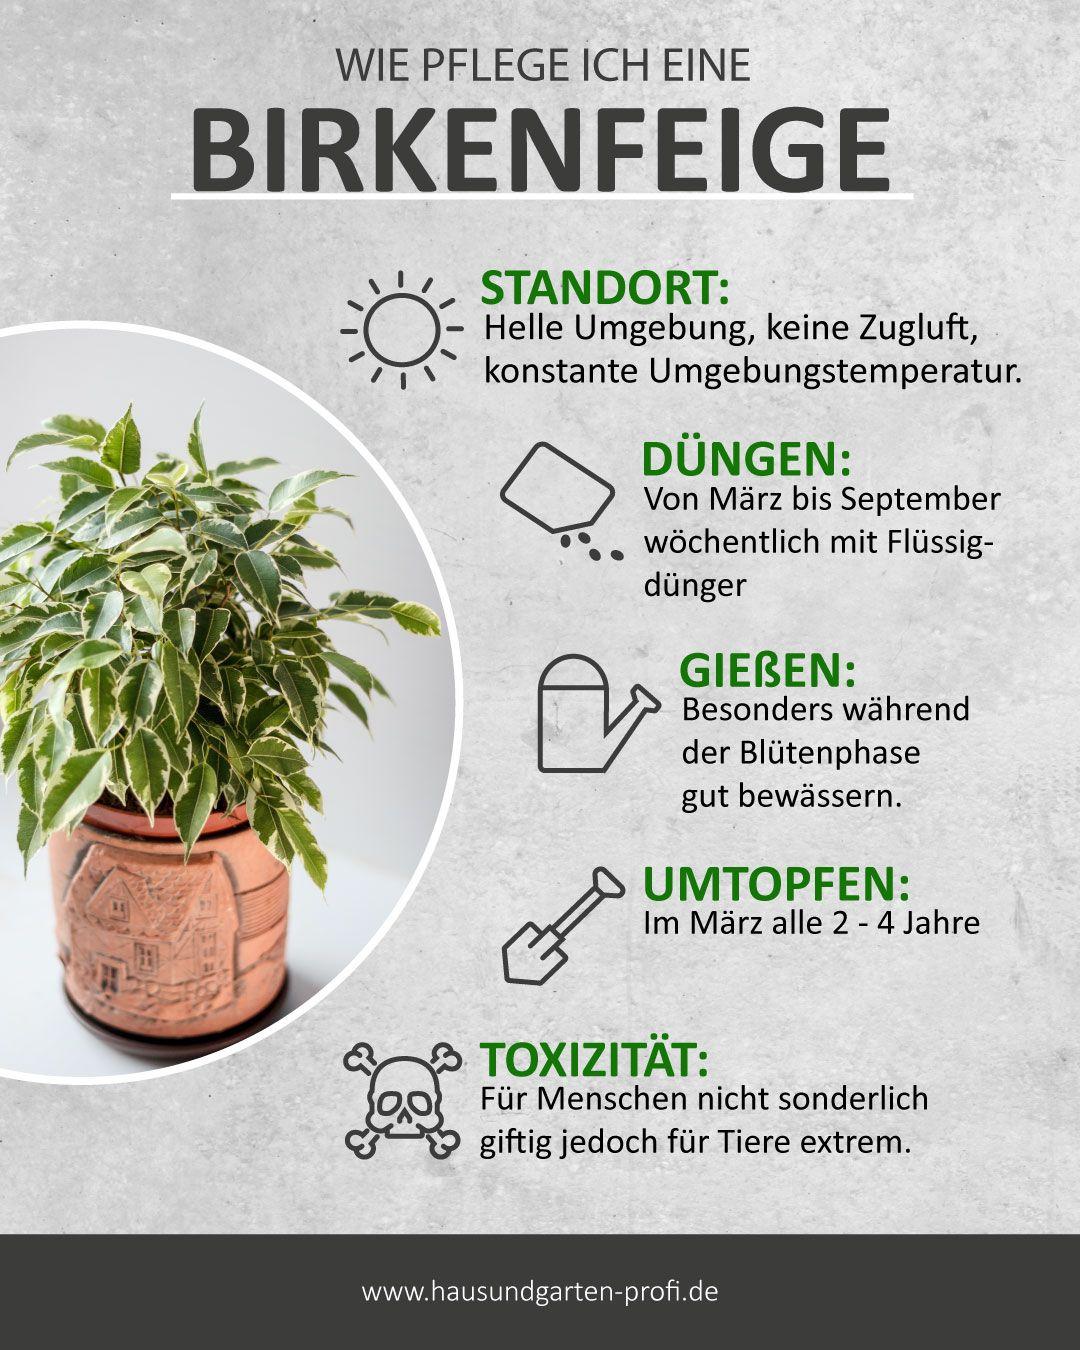 Birkenfeige: So einfach kanns gehen (Standort, Düngen, Gießen, Umtopfen)